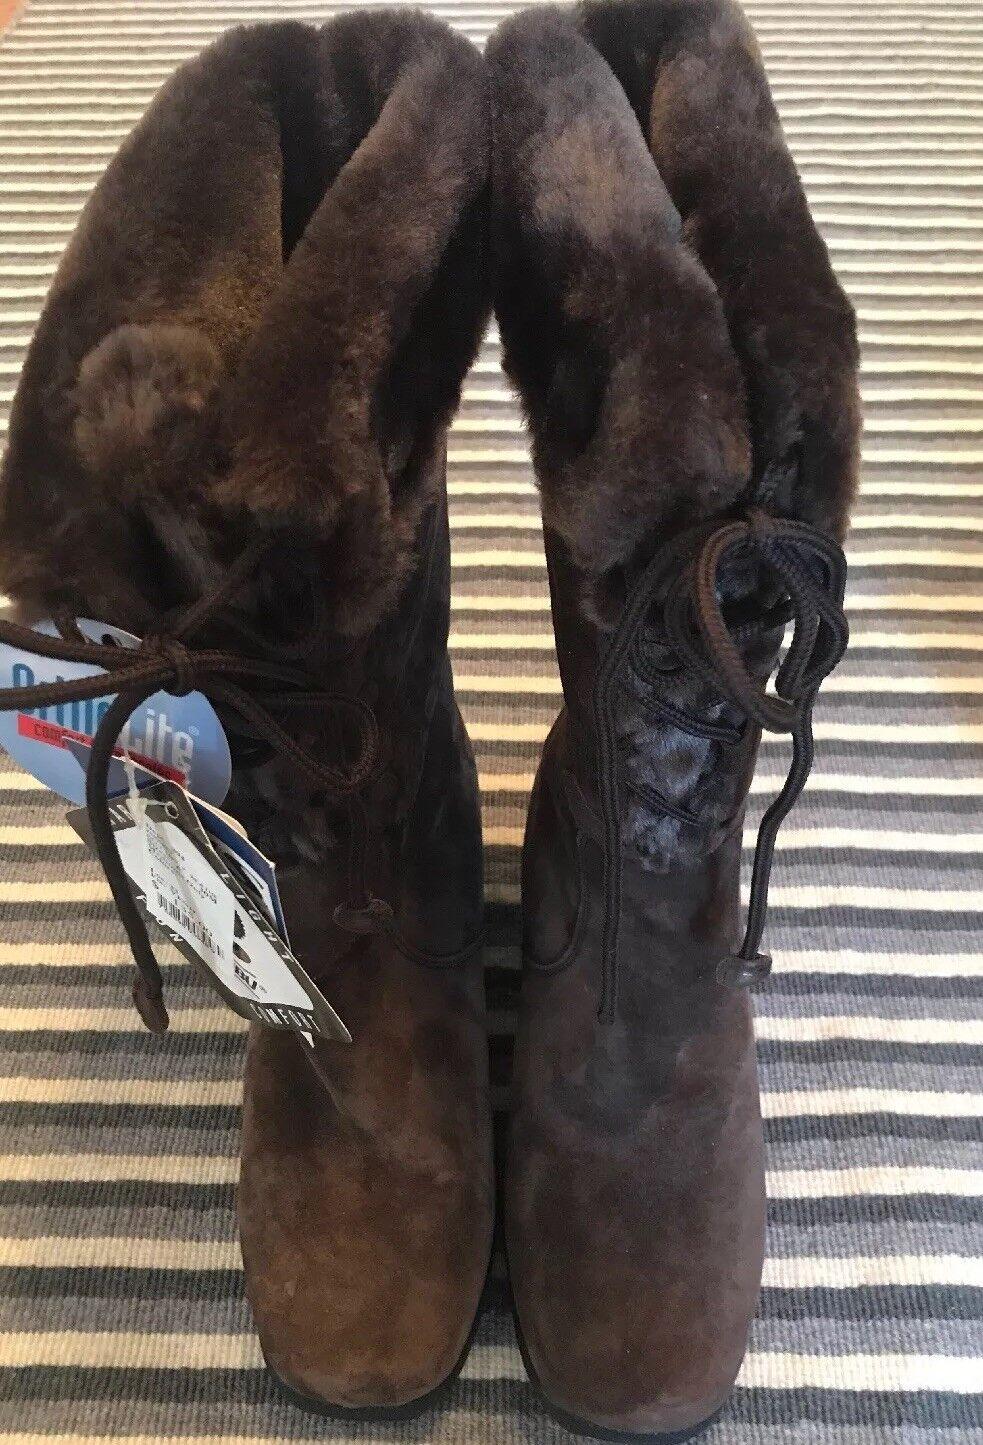 Khombu womens boots bellino2 8.5 M sherpa fleece lined brown suede winter